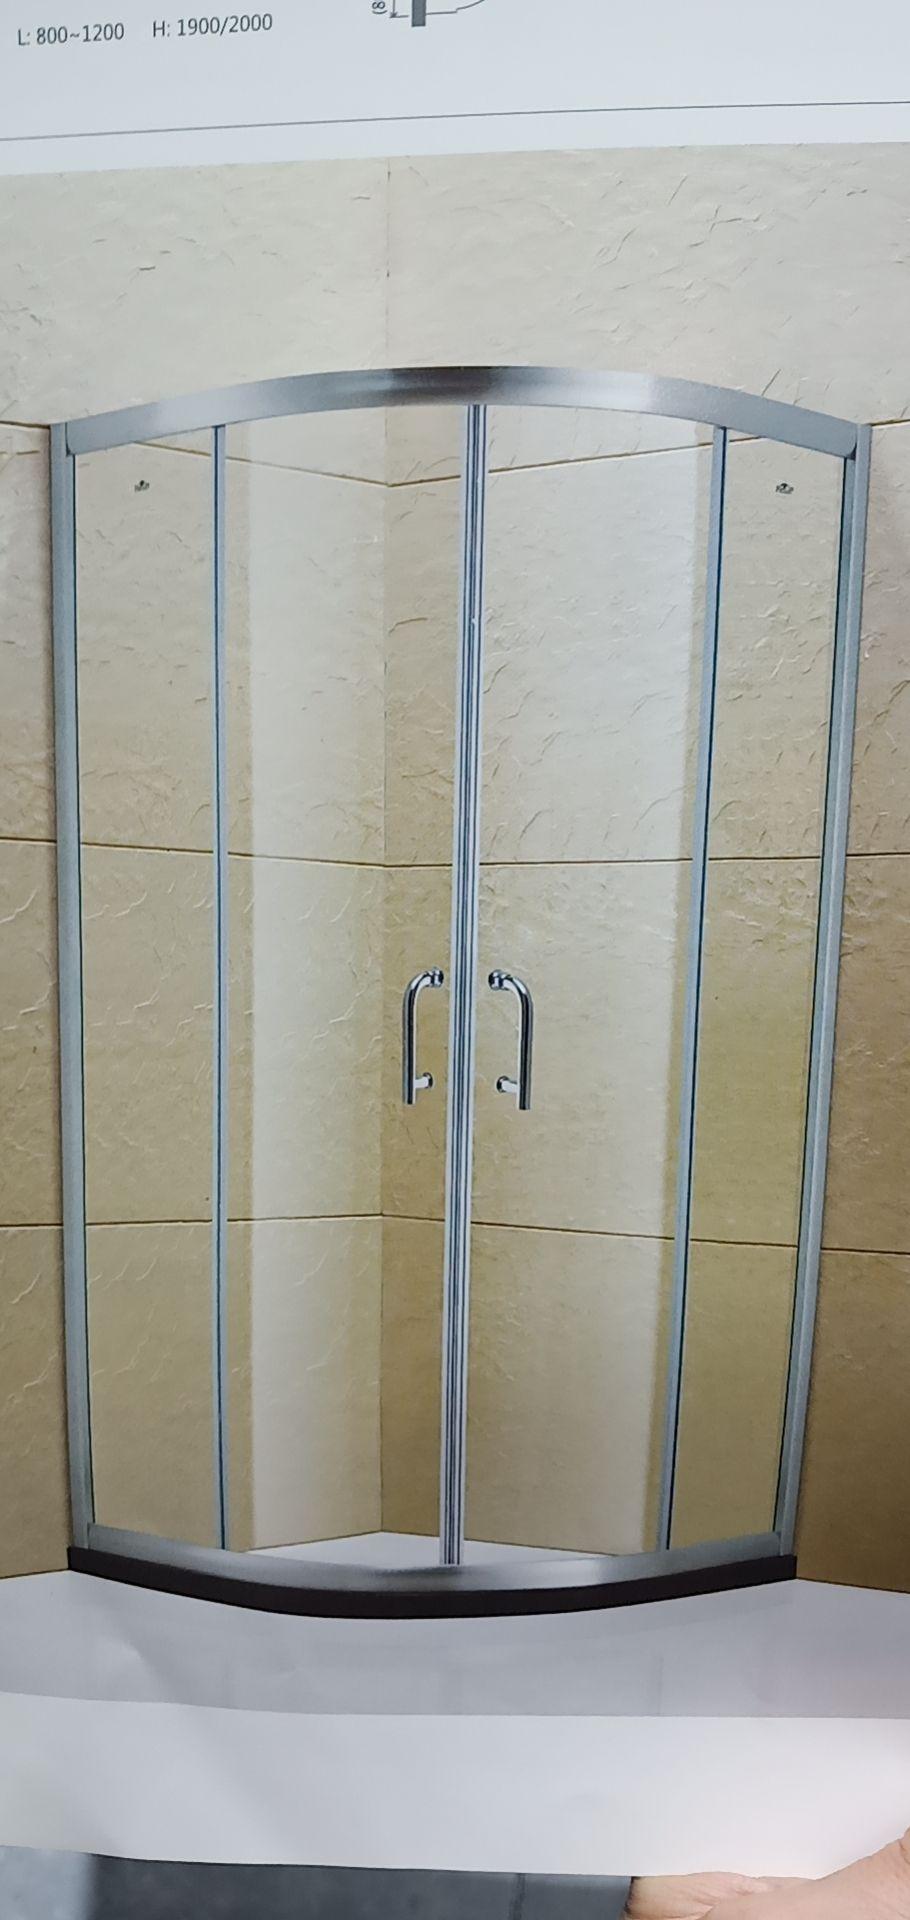 法兰浴王牌现代简约圆弧型推拉淋浴房哑银色